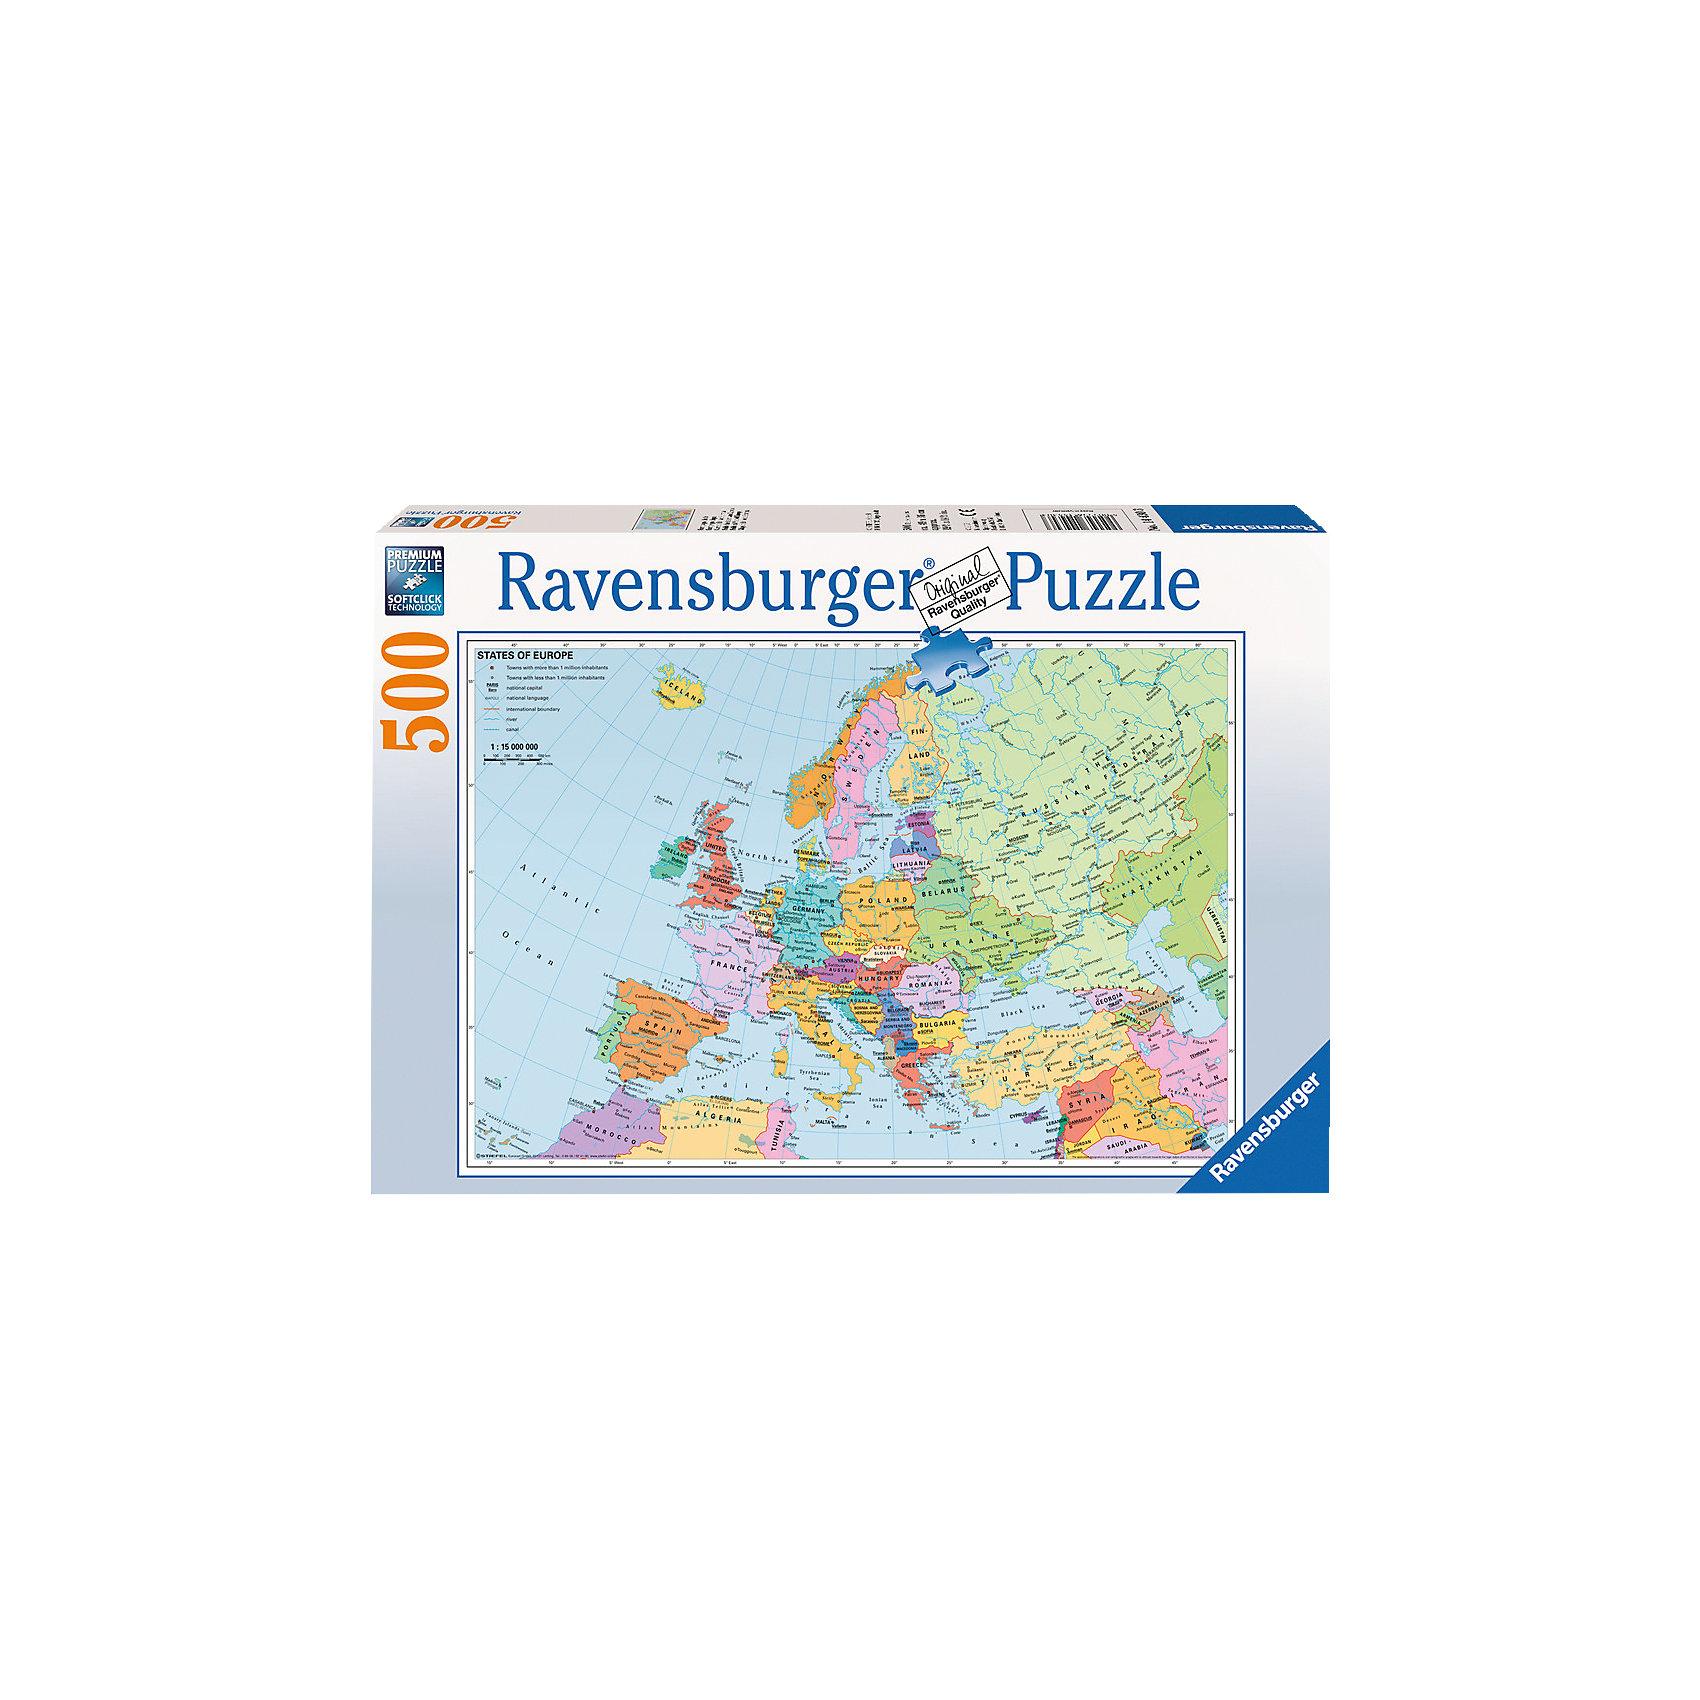 Пазл «Политическая карта Европы» 500 деталей, RavensburgerКлассические пазлы<br>Пазл «Политическая карта Европы» 500 деталей, Ravensburger (Равенсбургер) – это великолепный подарок, как для ребенка, так и для взрослого.<br>Пазл Политическая карта Европы - обучающий пазл для школьников. При сборке пазла ваш ребенок сможет выучить все страны Европы. Каждая страна имеет свой цвет. Ребенок сможет не только изучить карту, но и насладиться сборкой качественного пазла от Ravensburger. Собирая картинку, ребенок развивает логическое мышление, воображение, мелкую моторику и умение принимать самостоятельные решения. Пазлы Ravensburger неповторимы и уникальны тем, что для их изготовления используется картон наивысшего класса, благодаря которому сложенные головоломки не сгибаются, сам картон не отделяется от картинки, а сложенная картинка представляется абсолютно плоской и не деформируется даже спустя время. Прочные детали не ломаются. Каждая деталь имеет свою форму и подходит только на своё место. Матовая поверхность исключает неприятные отблески. Изготовлено из экологического сырья.<br><br>Дополнительная информация:<br><br>- Количество деталей: 500<br>- Размер картинки: 36 х 49 см.<br>- Материал: картон<br>- Размер коробки: 34 x 4 х 23 см.<br><br>Пазл «Политическая карта Европы» 500 деталей, Ravensburger (Равенсбургер) можно купить в нашем интернет-магазине.<br><br>Ширина мм: 341<br>Глубина мм: 233<br>Высота мм: 41<br>Вес г: 516<br>Возраст от месяцев: 144<br>Возраст до месяцев: 228<br>Пол: Унисекс<br>Возраст: Детский<br>Количество деталей: 500<br>SKU: 1457422